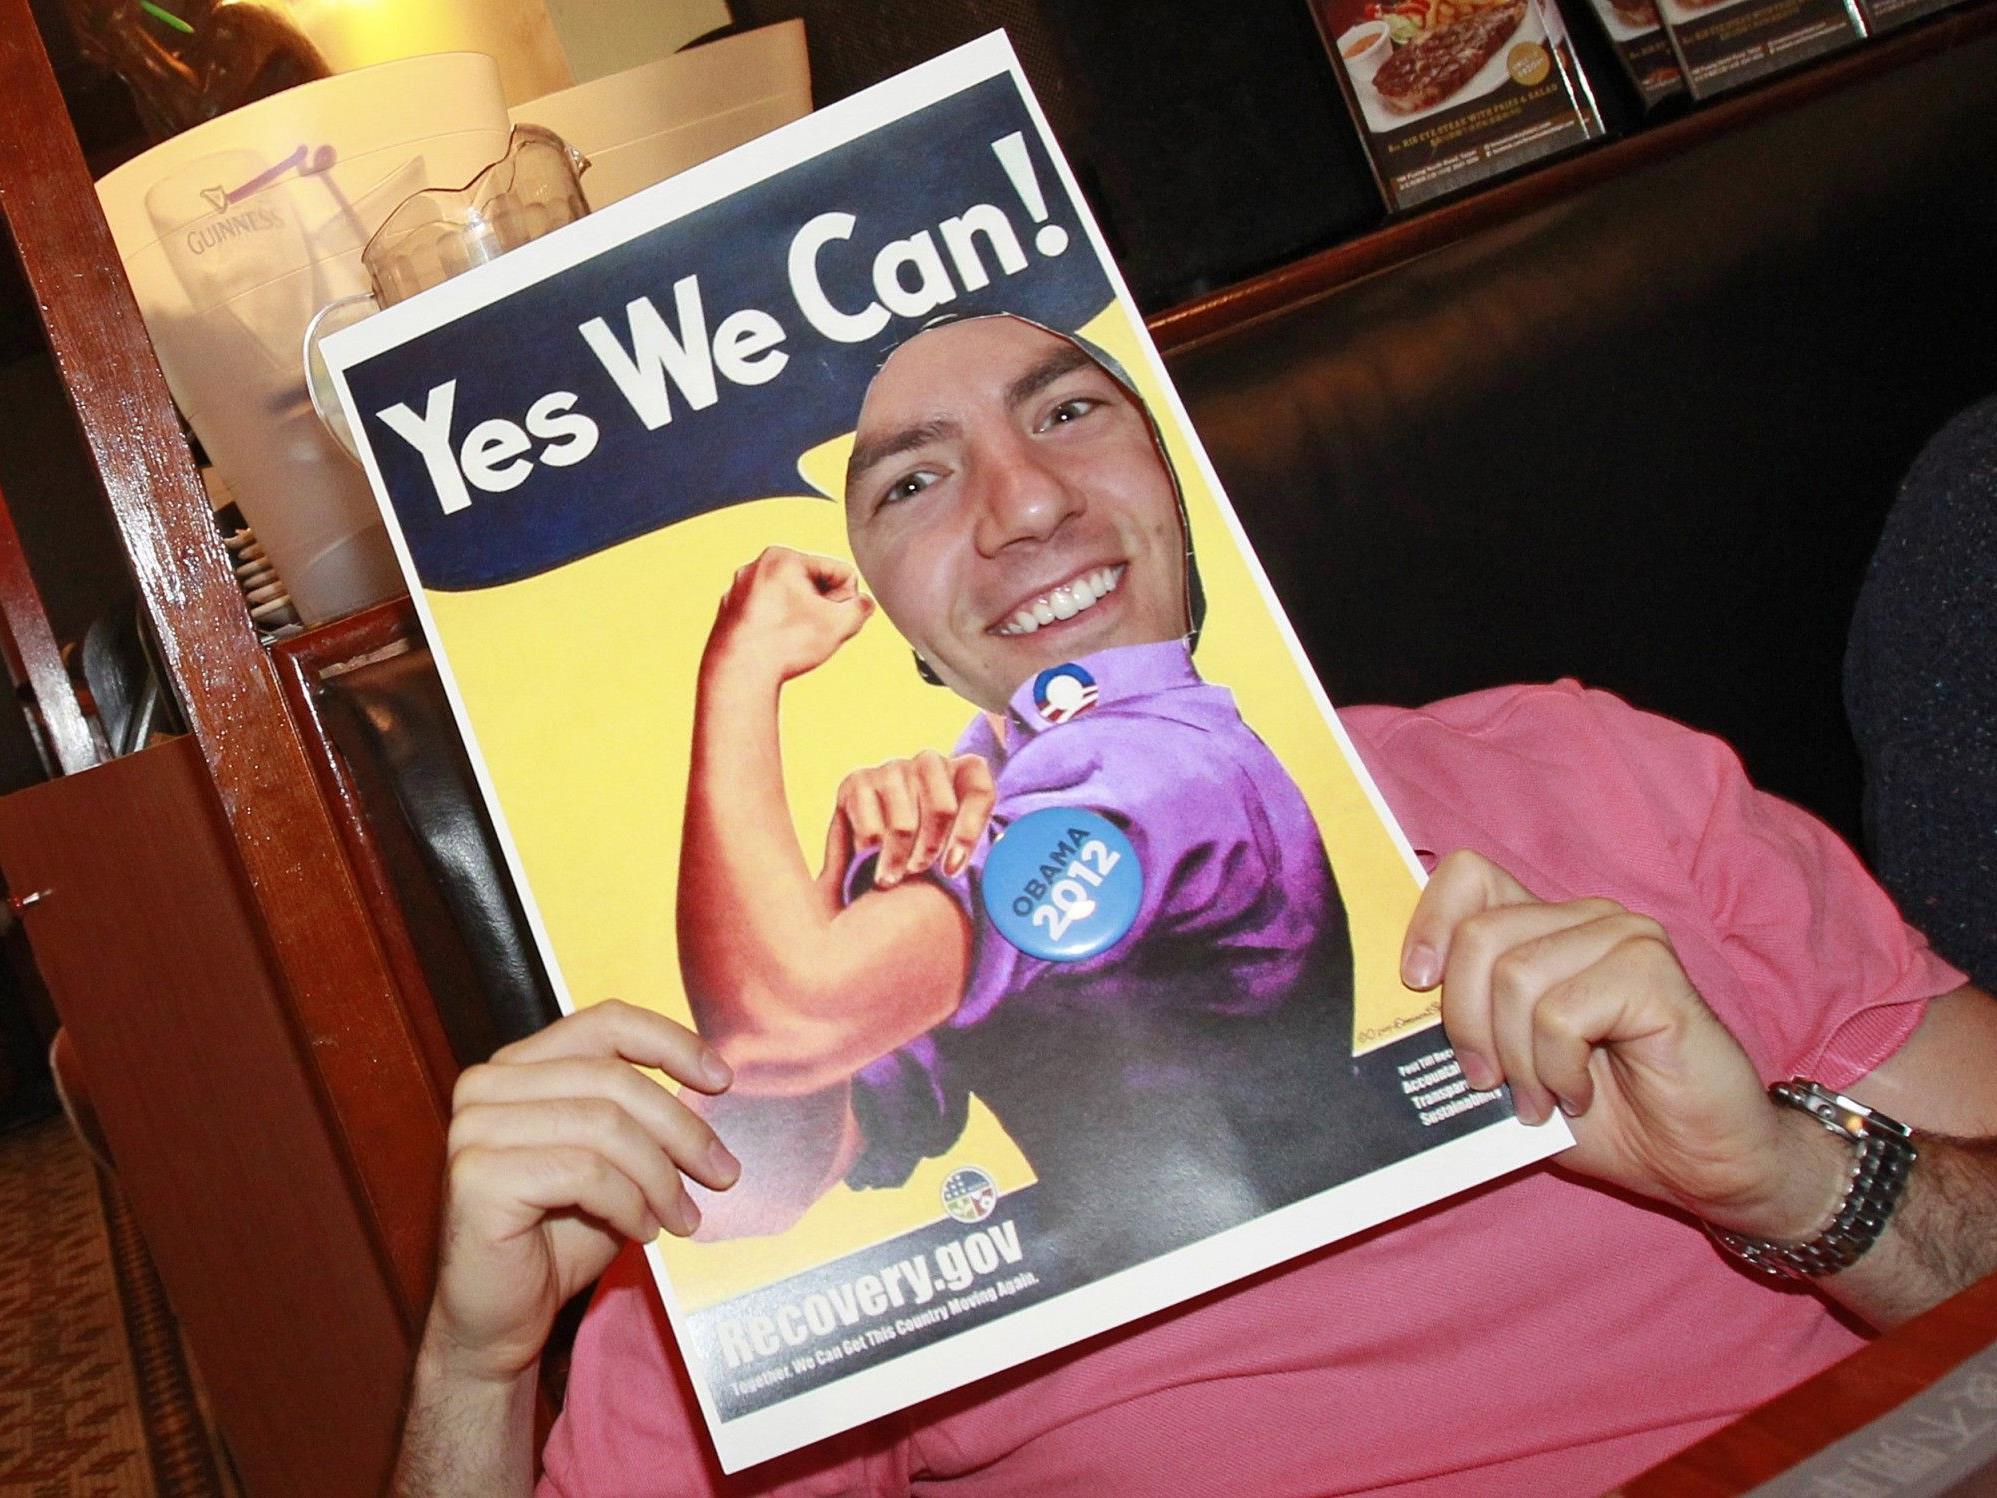 Mühsam erkämpfter Sieg für Obama - Wähler trauten Romney nicht über den Weg